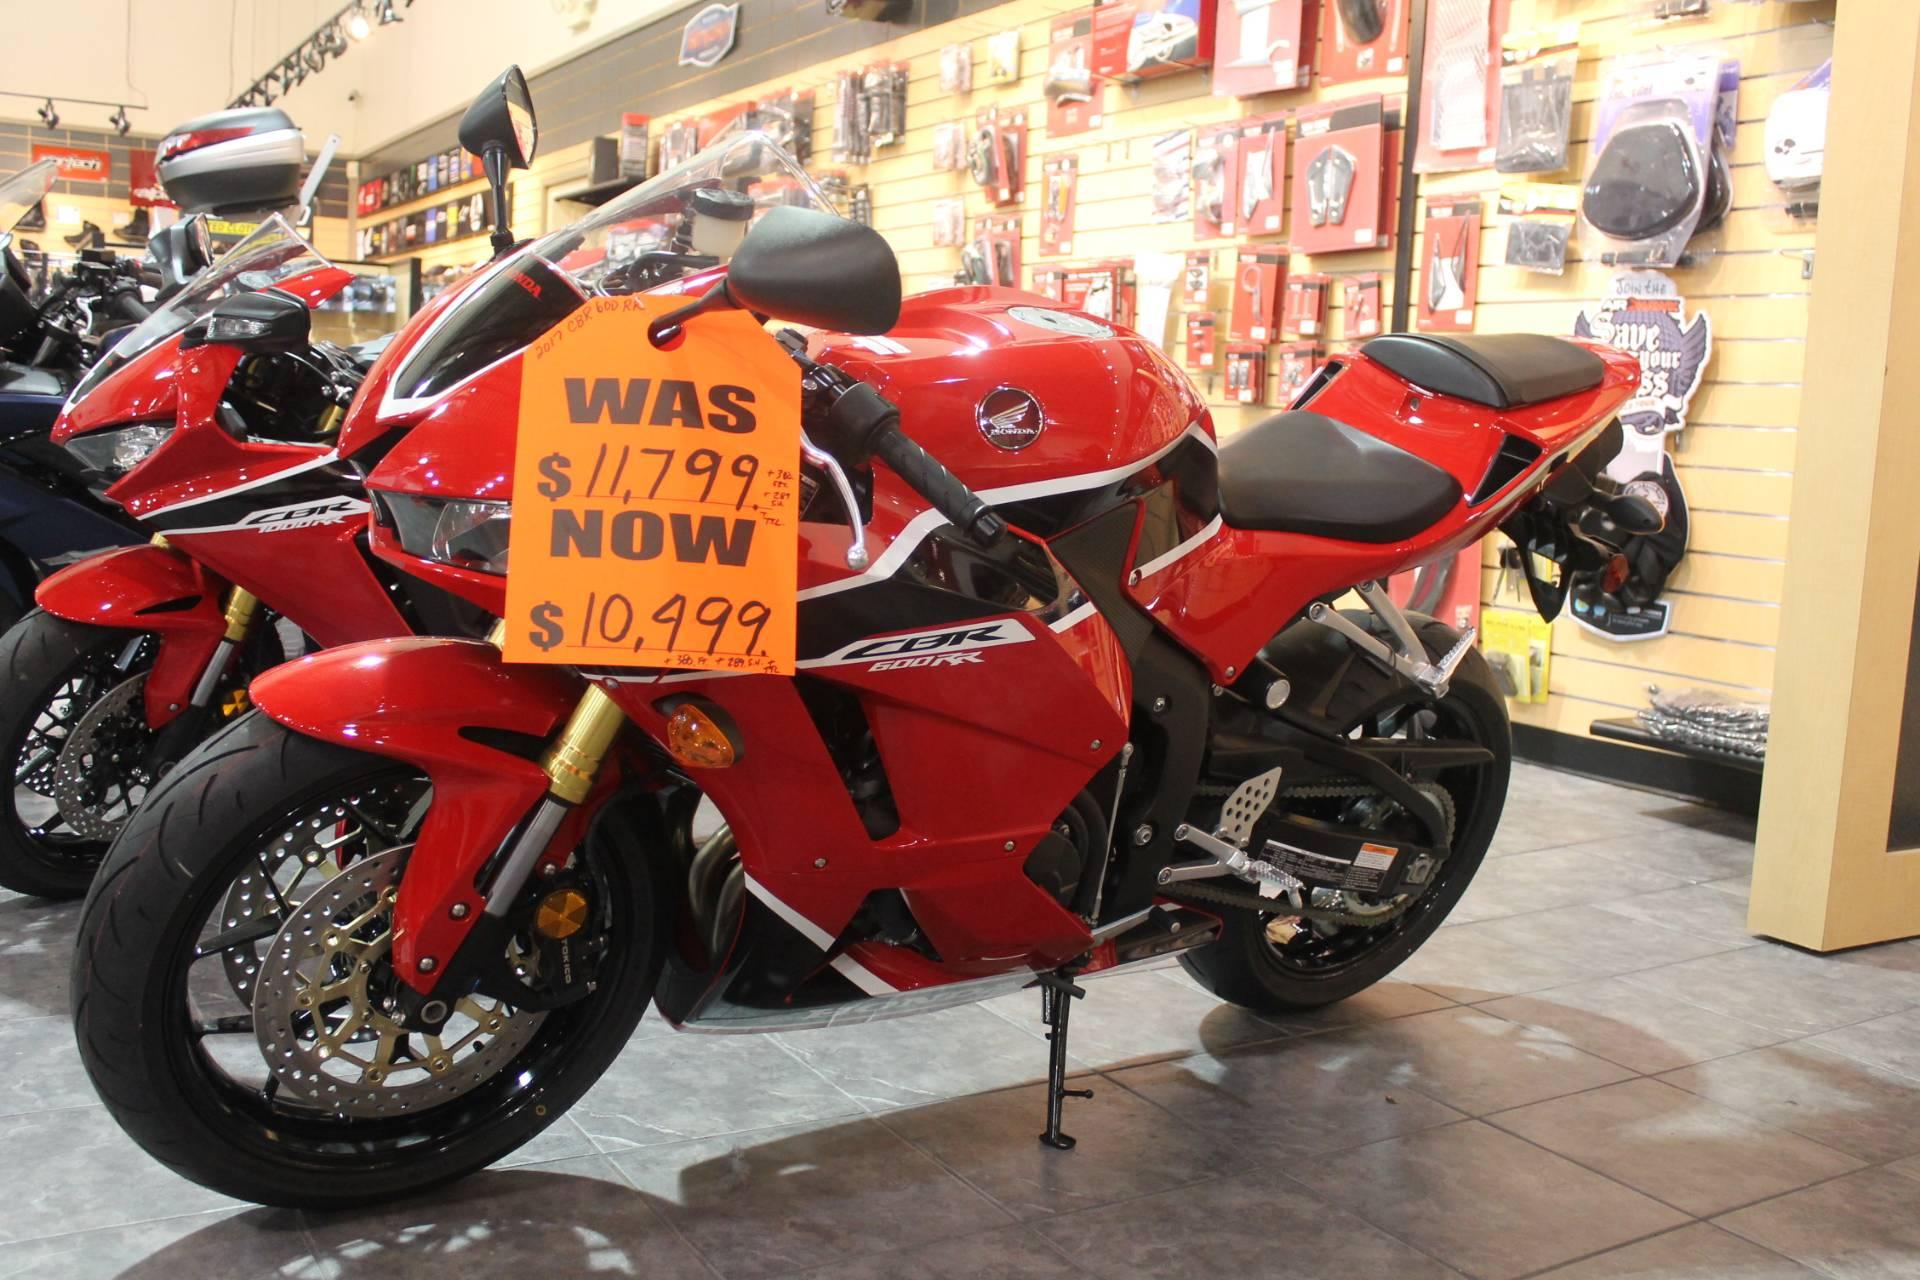 2017 Honda CBR600RR for sale 127038